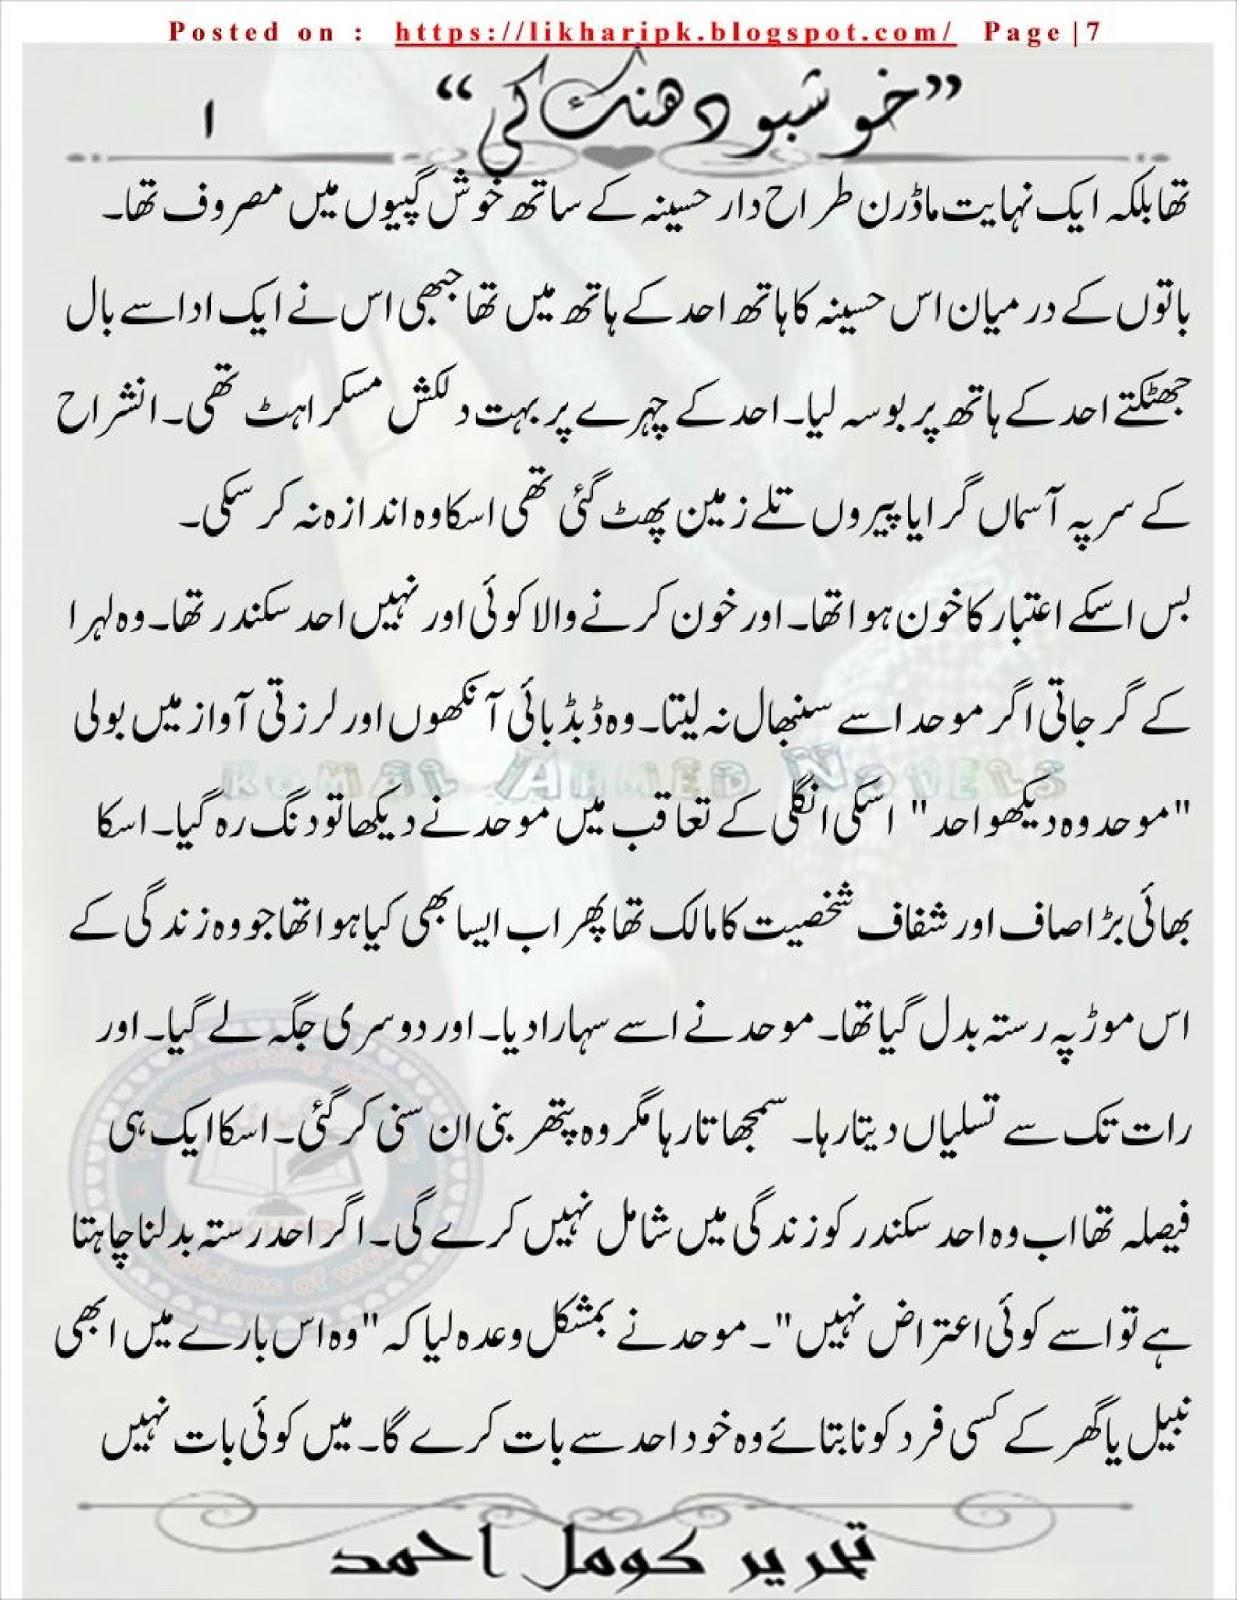 Readdersden: Khushboo dhanak ki novel by Komal Ahmed Epi 1